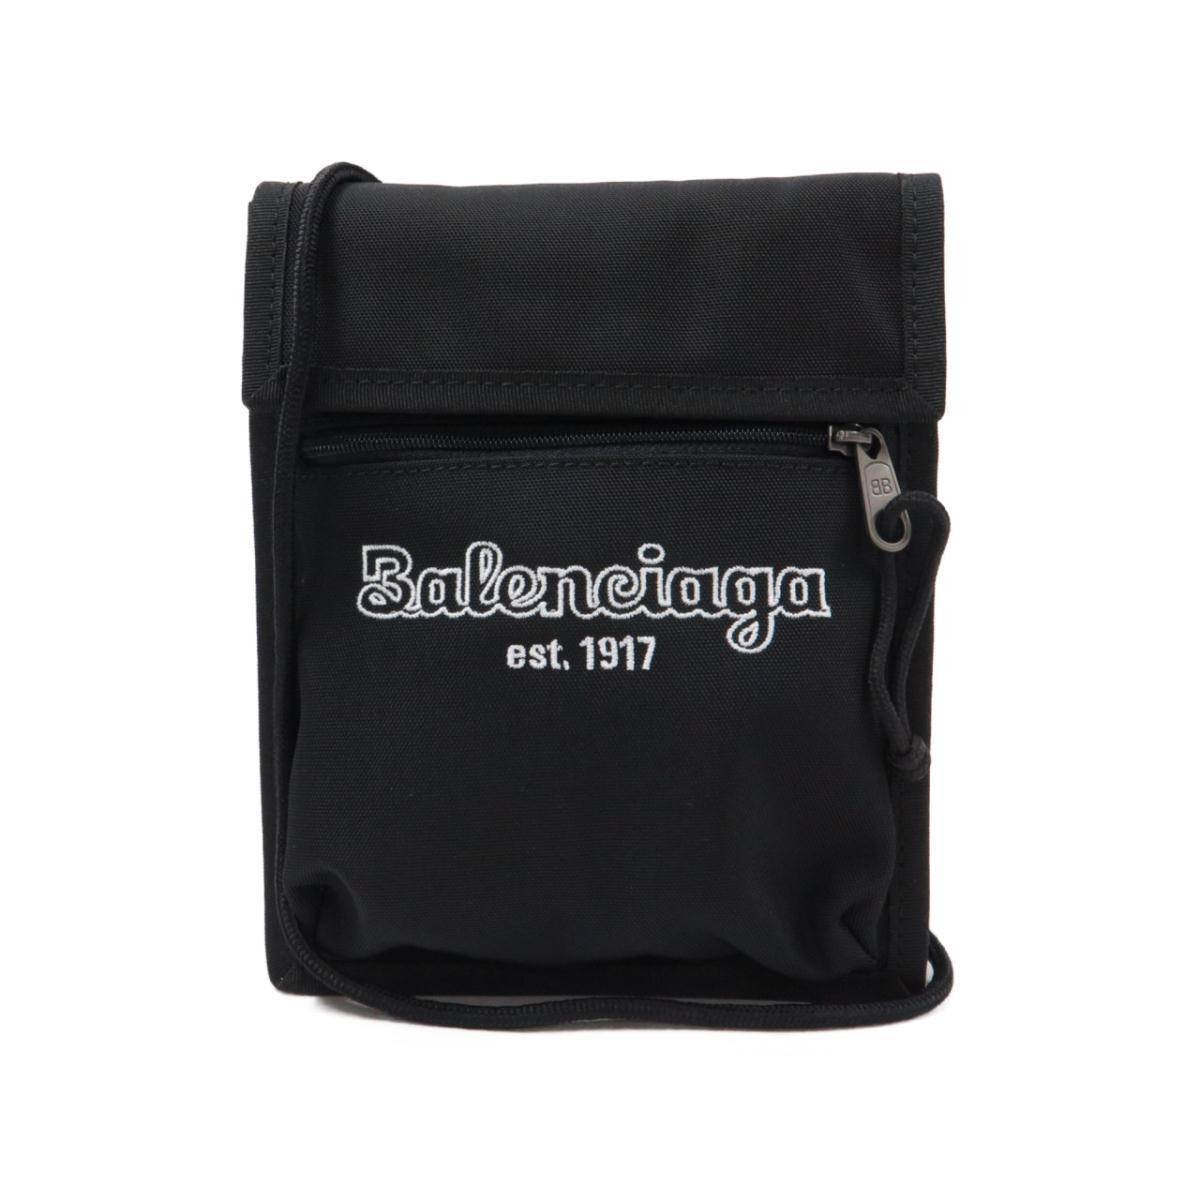 【新品】バレンシアガ バッグ 532298 9TY6R【新品】